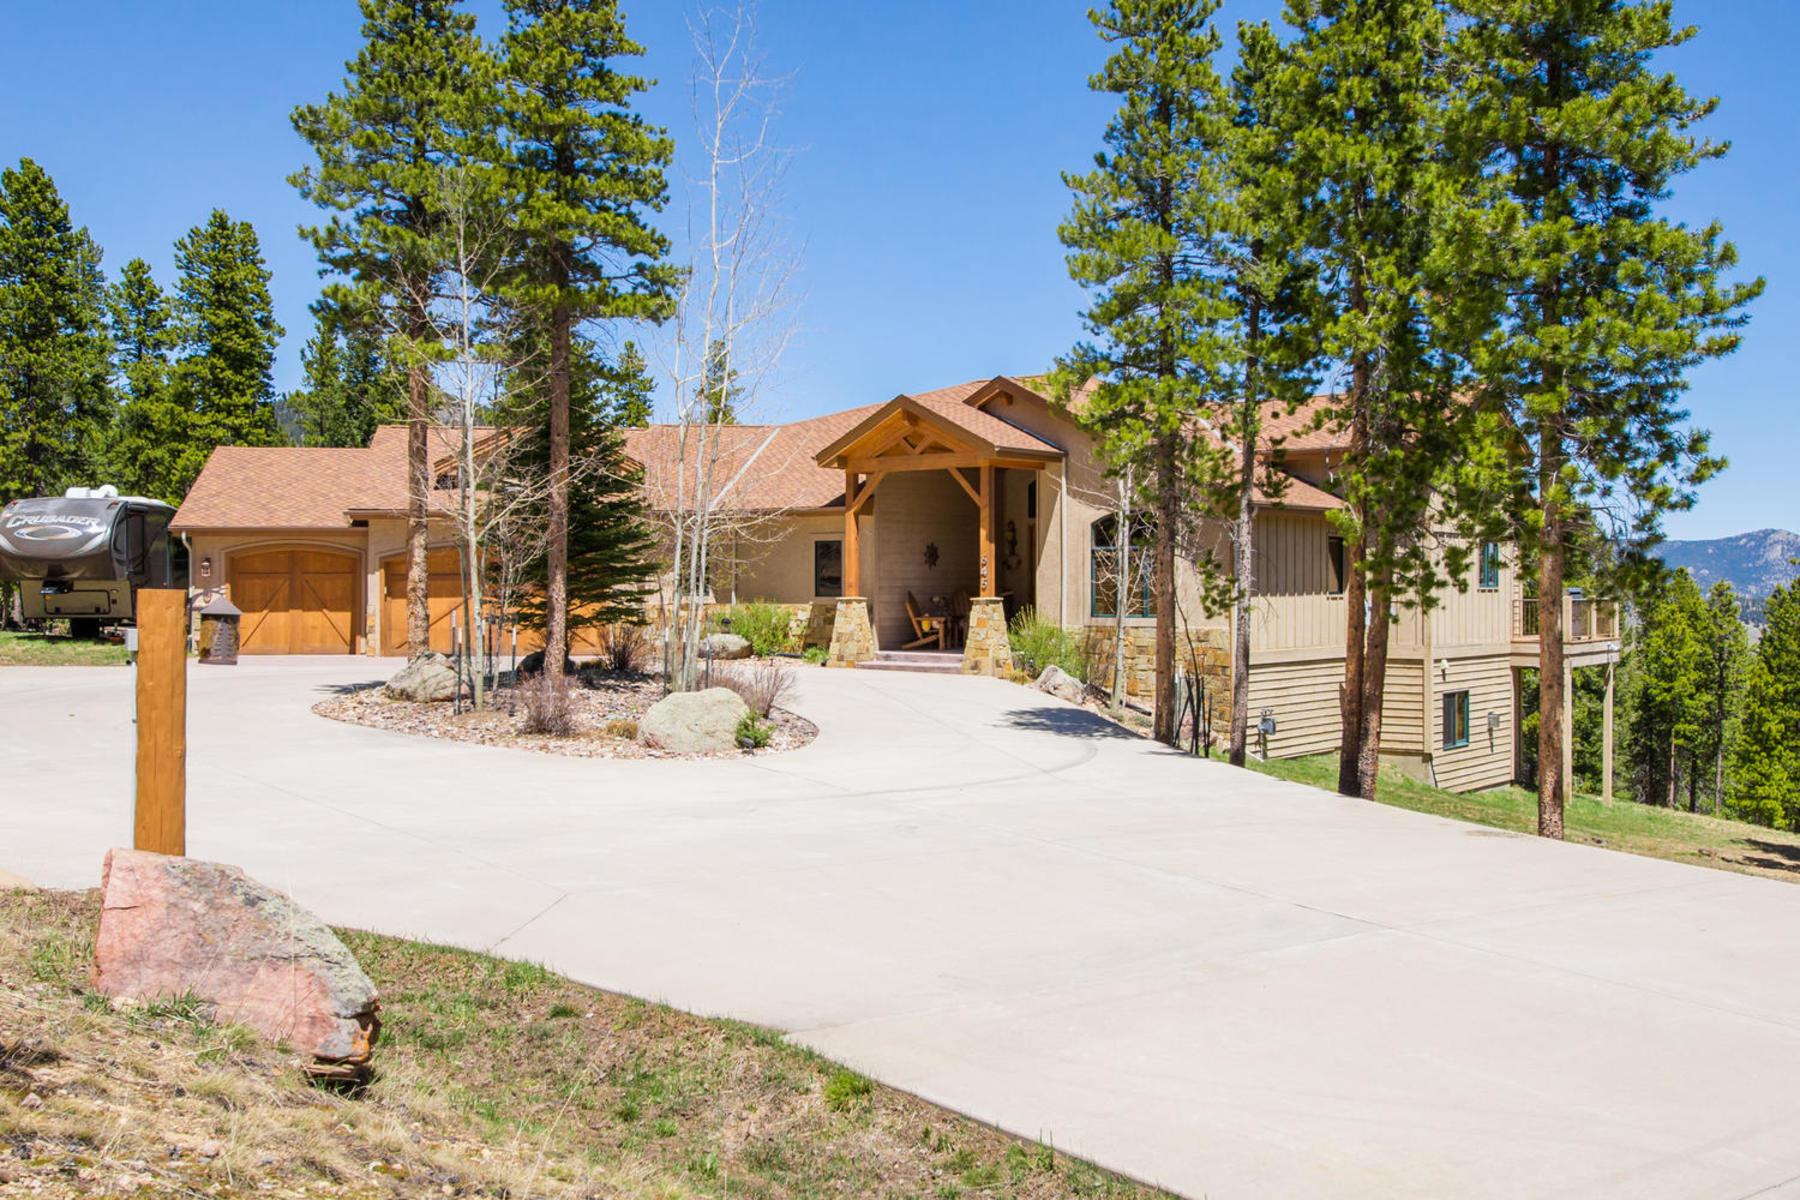 Einfamilienhaus für Verkauf beim Breath taking mountain views 645 Old Squaw Pass Road Evergreen, Colorado, 80439 Vereinigte Staaten